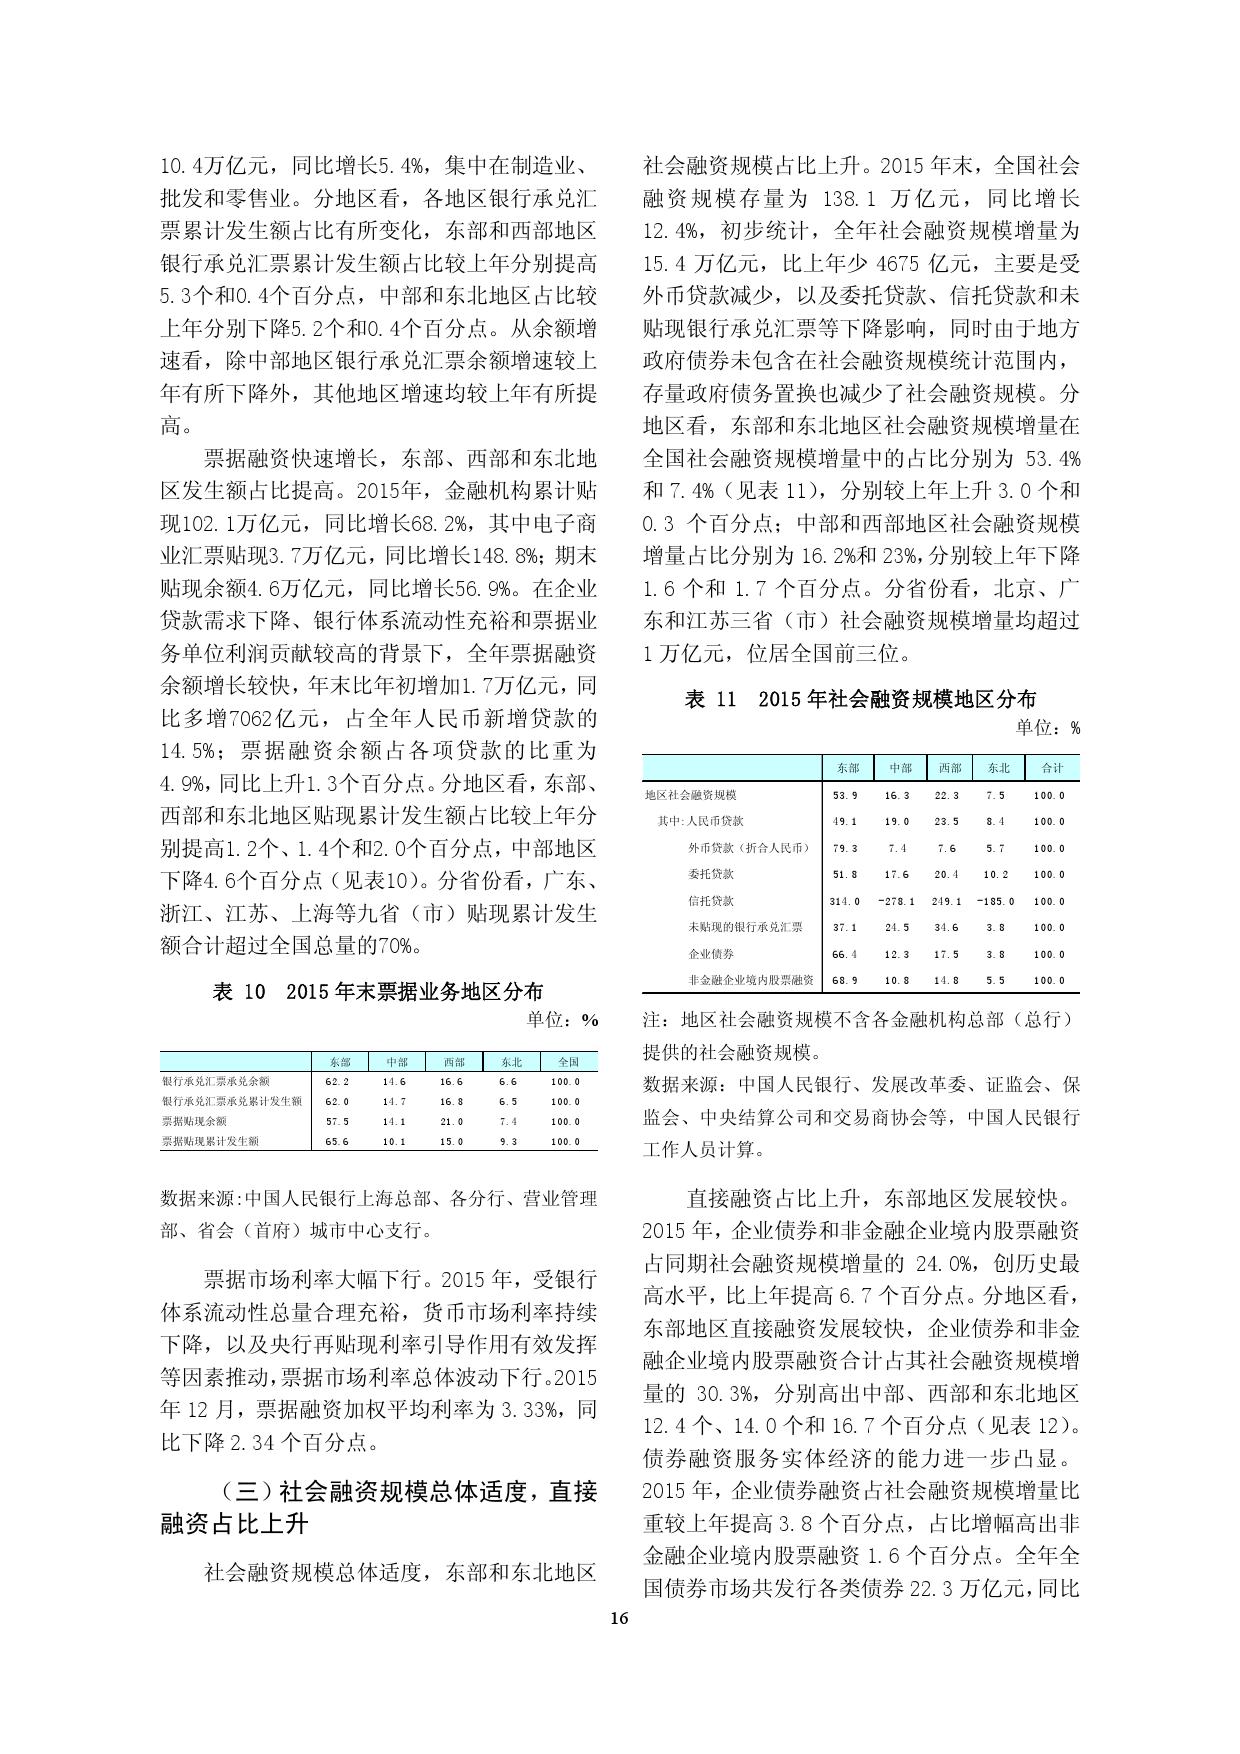 2015年中国区域金融运行报告_000019